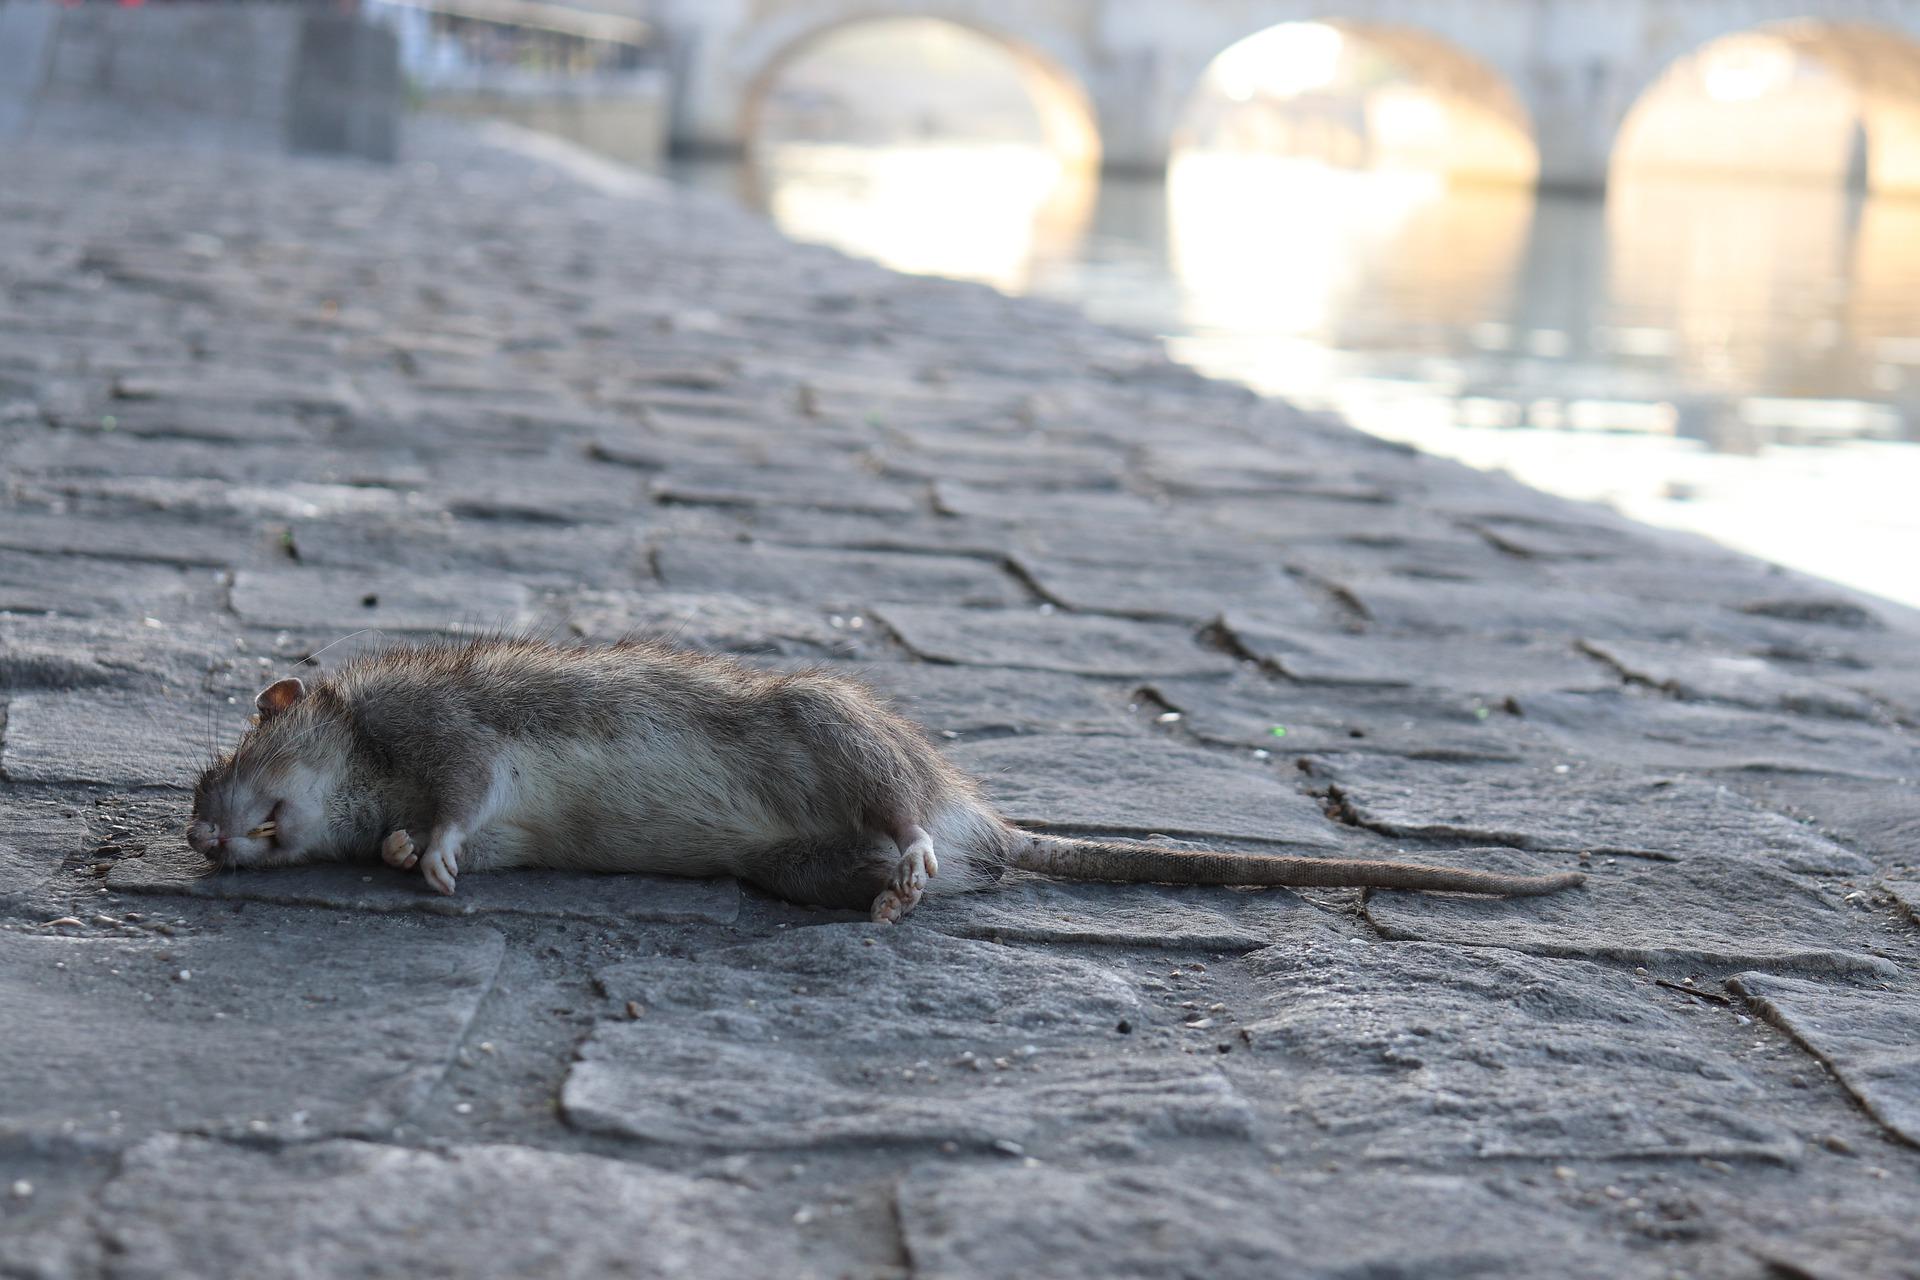 Différence Entre Rat & Souris - Bien Reconnaître les Espèces